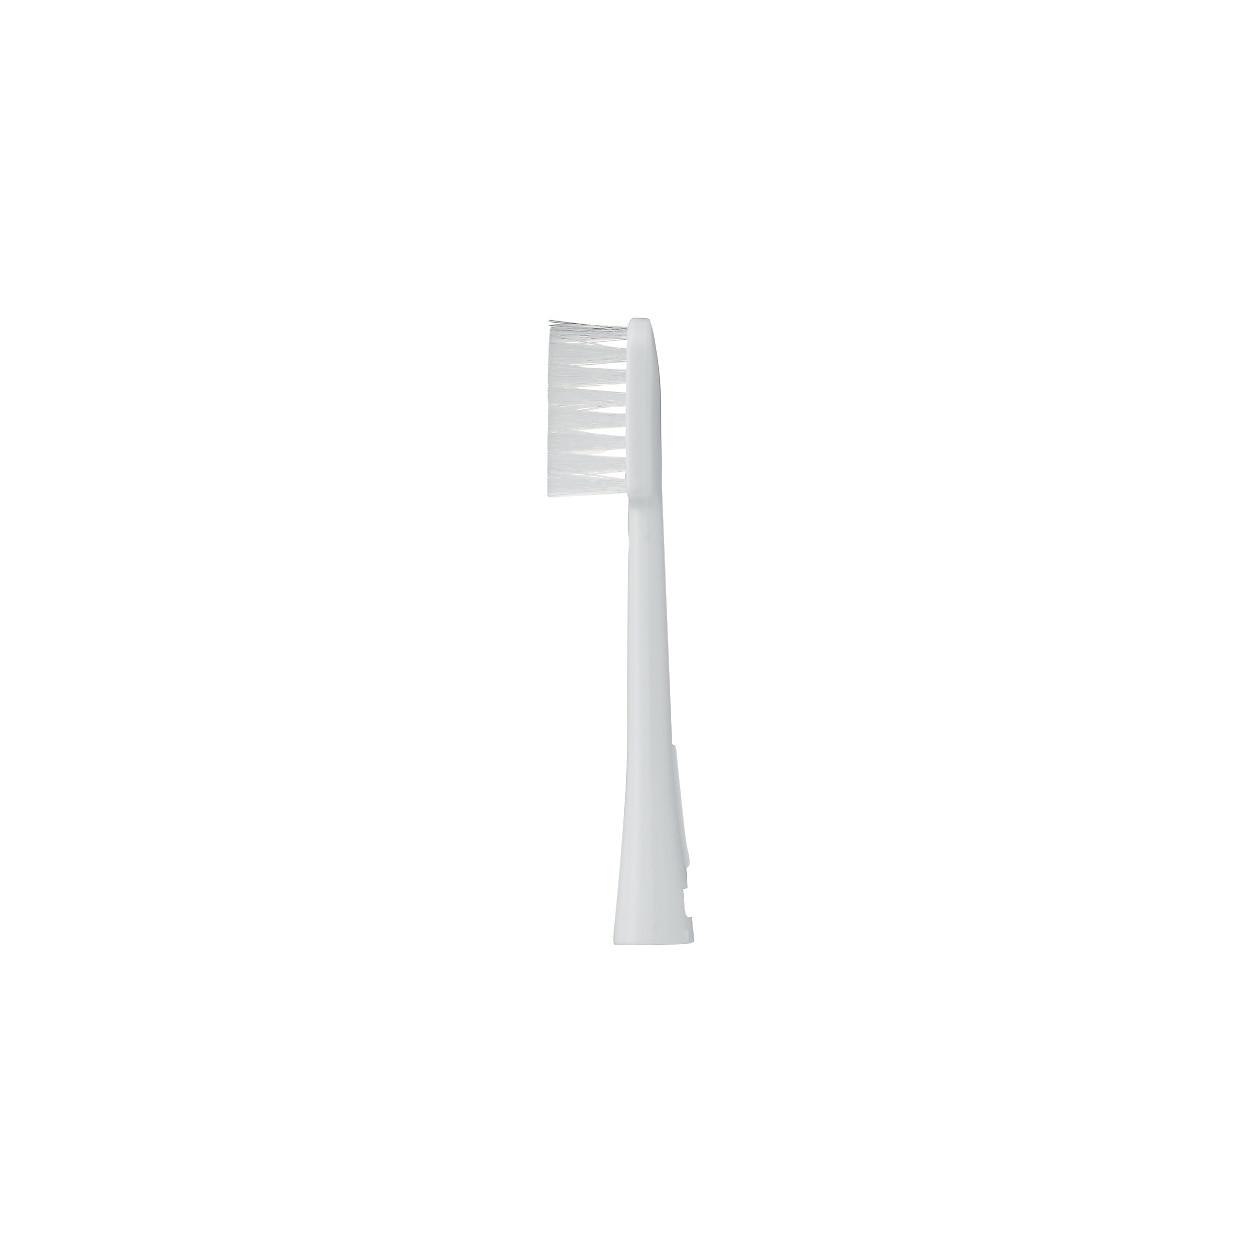 【パーツ】電動歯ブラシ用スペアブラシ